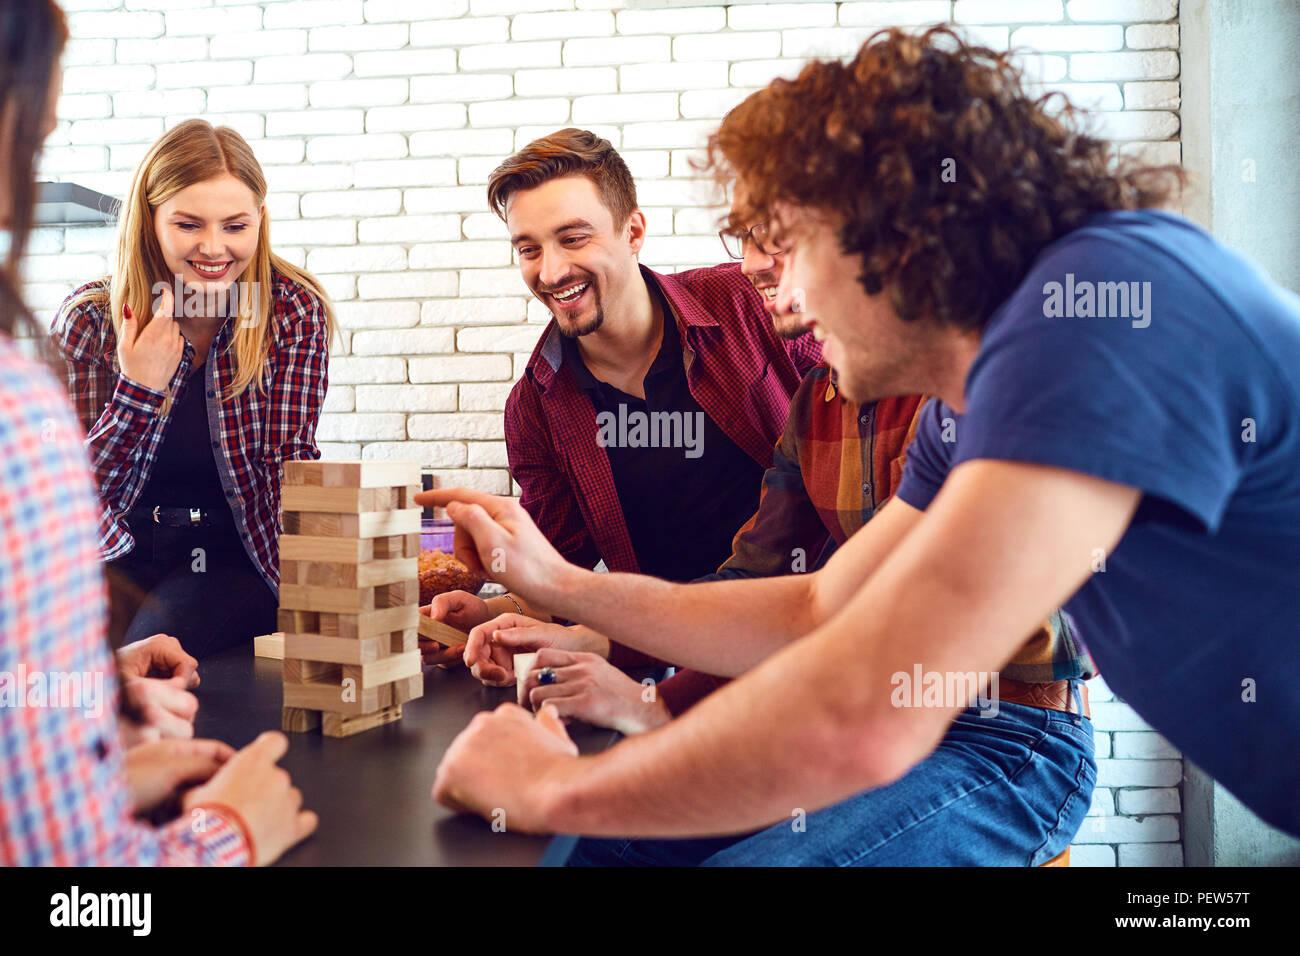 Un vivace gruppo di giovani giocare a giochi da tavolo. Immagini Stock